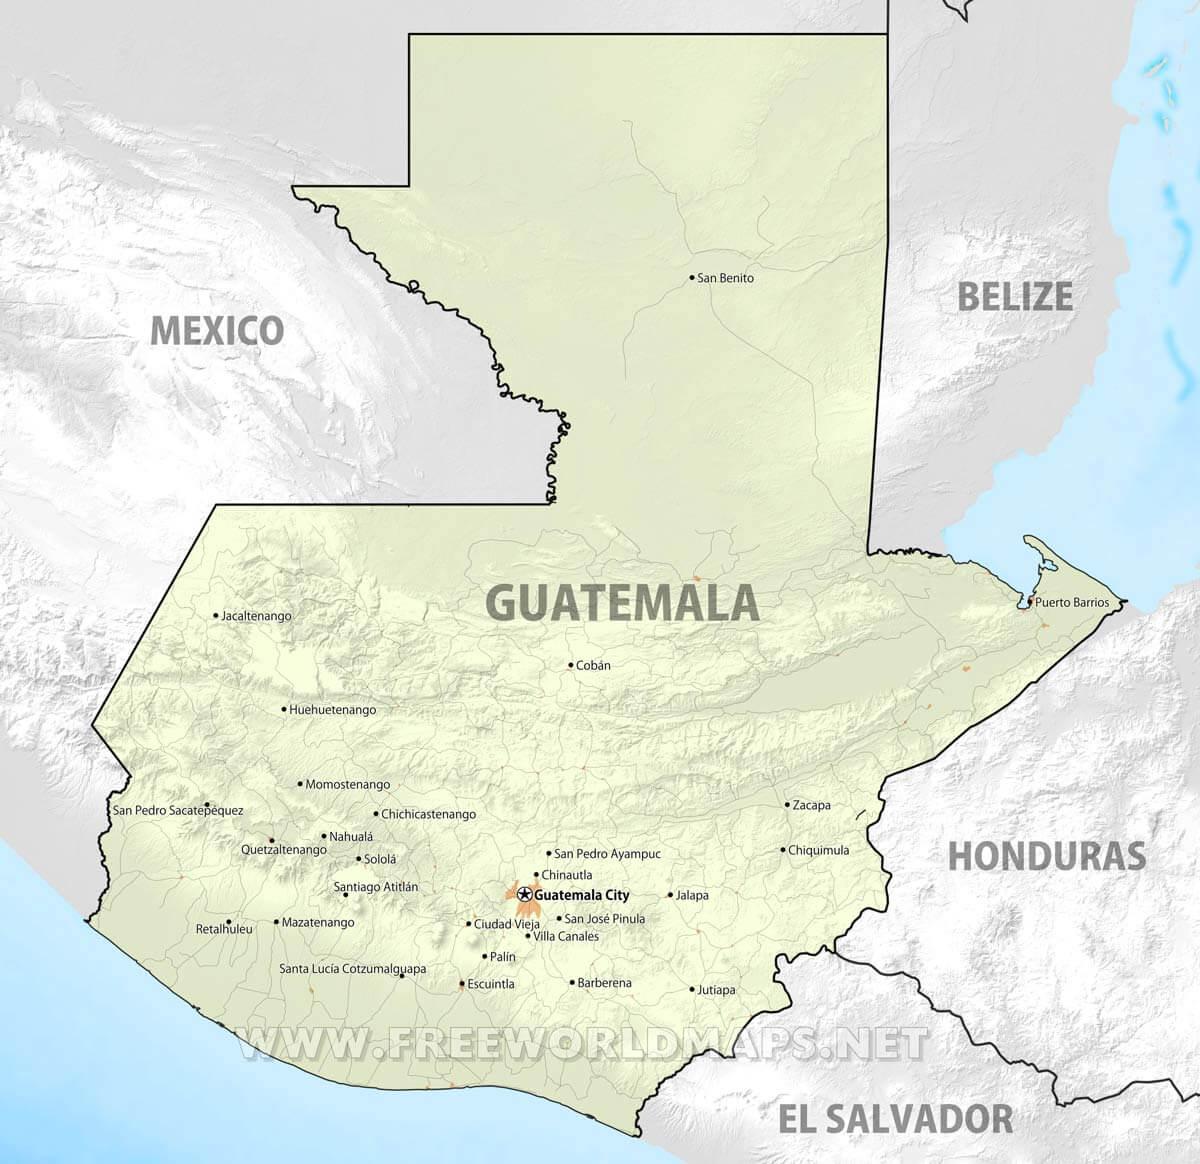 Guatemala Maps FreeWorldMapsnet